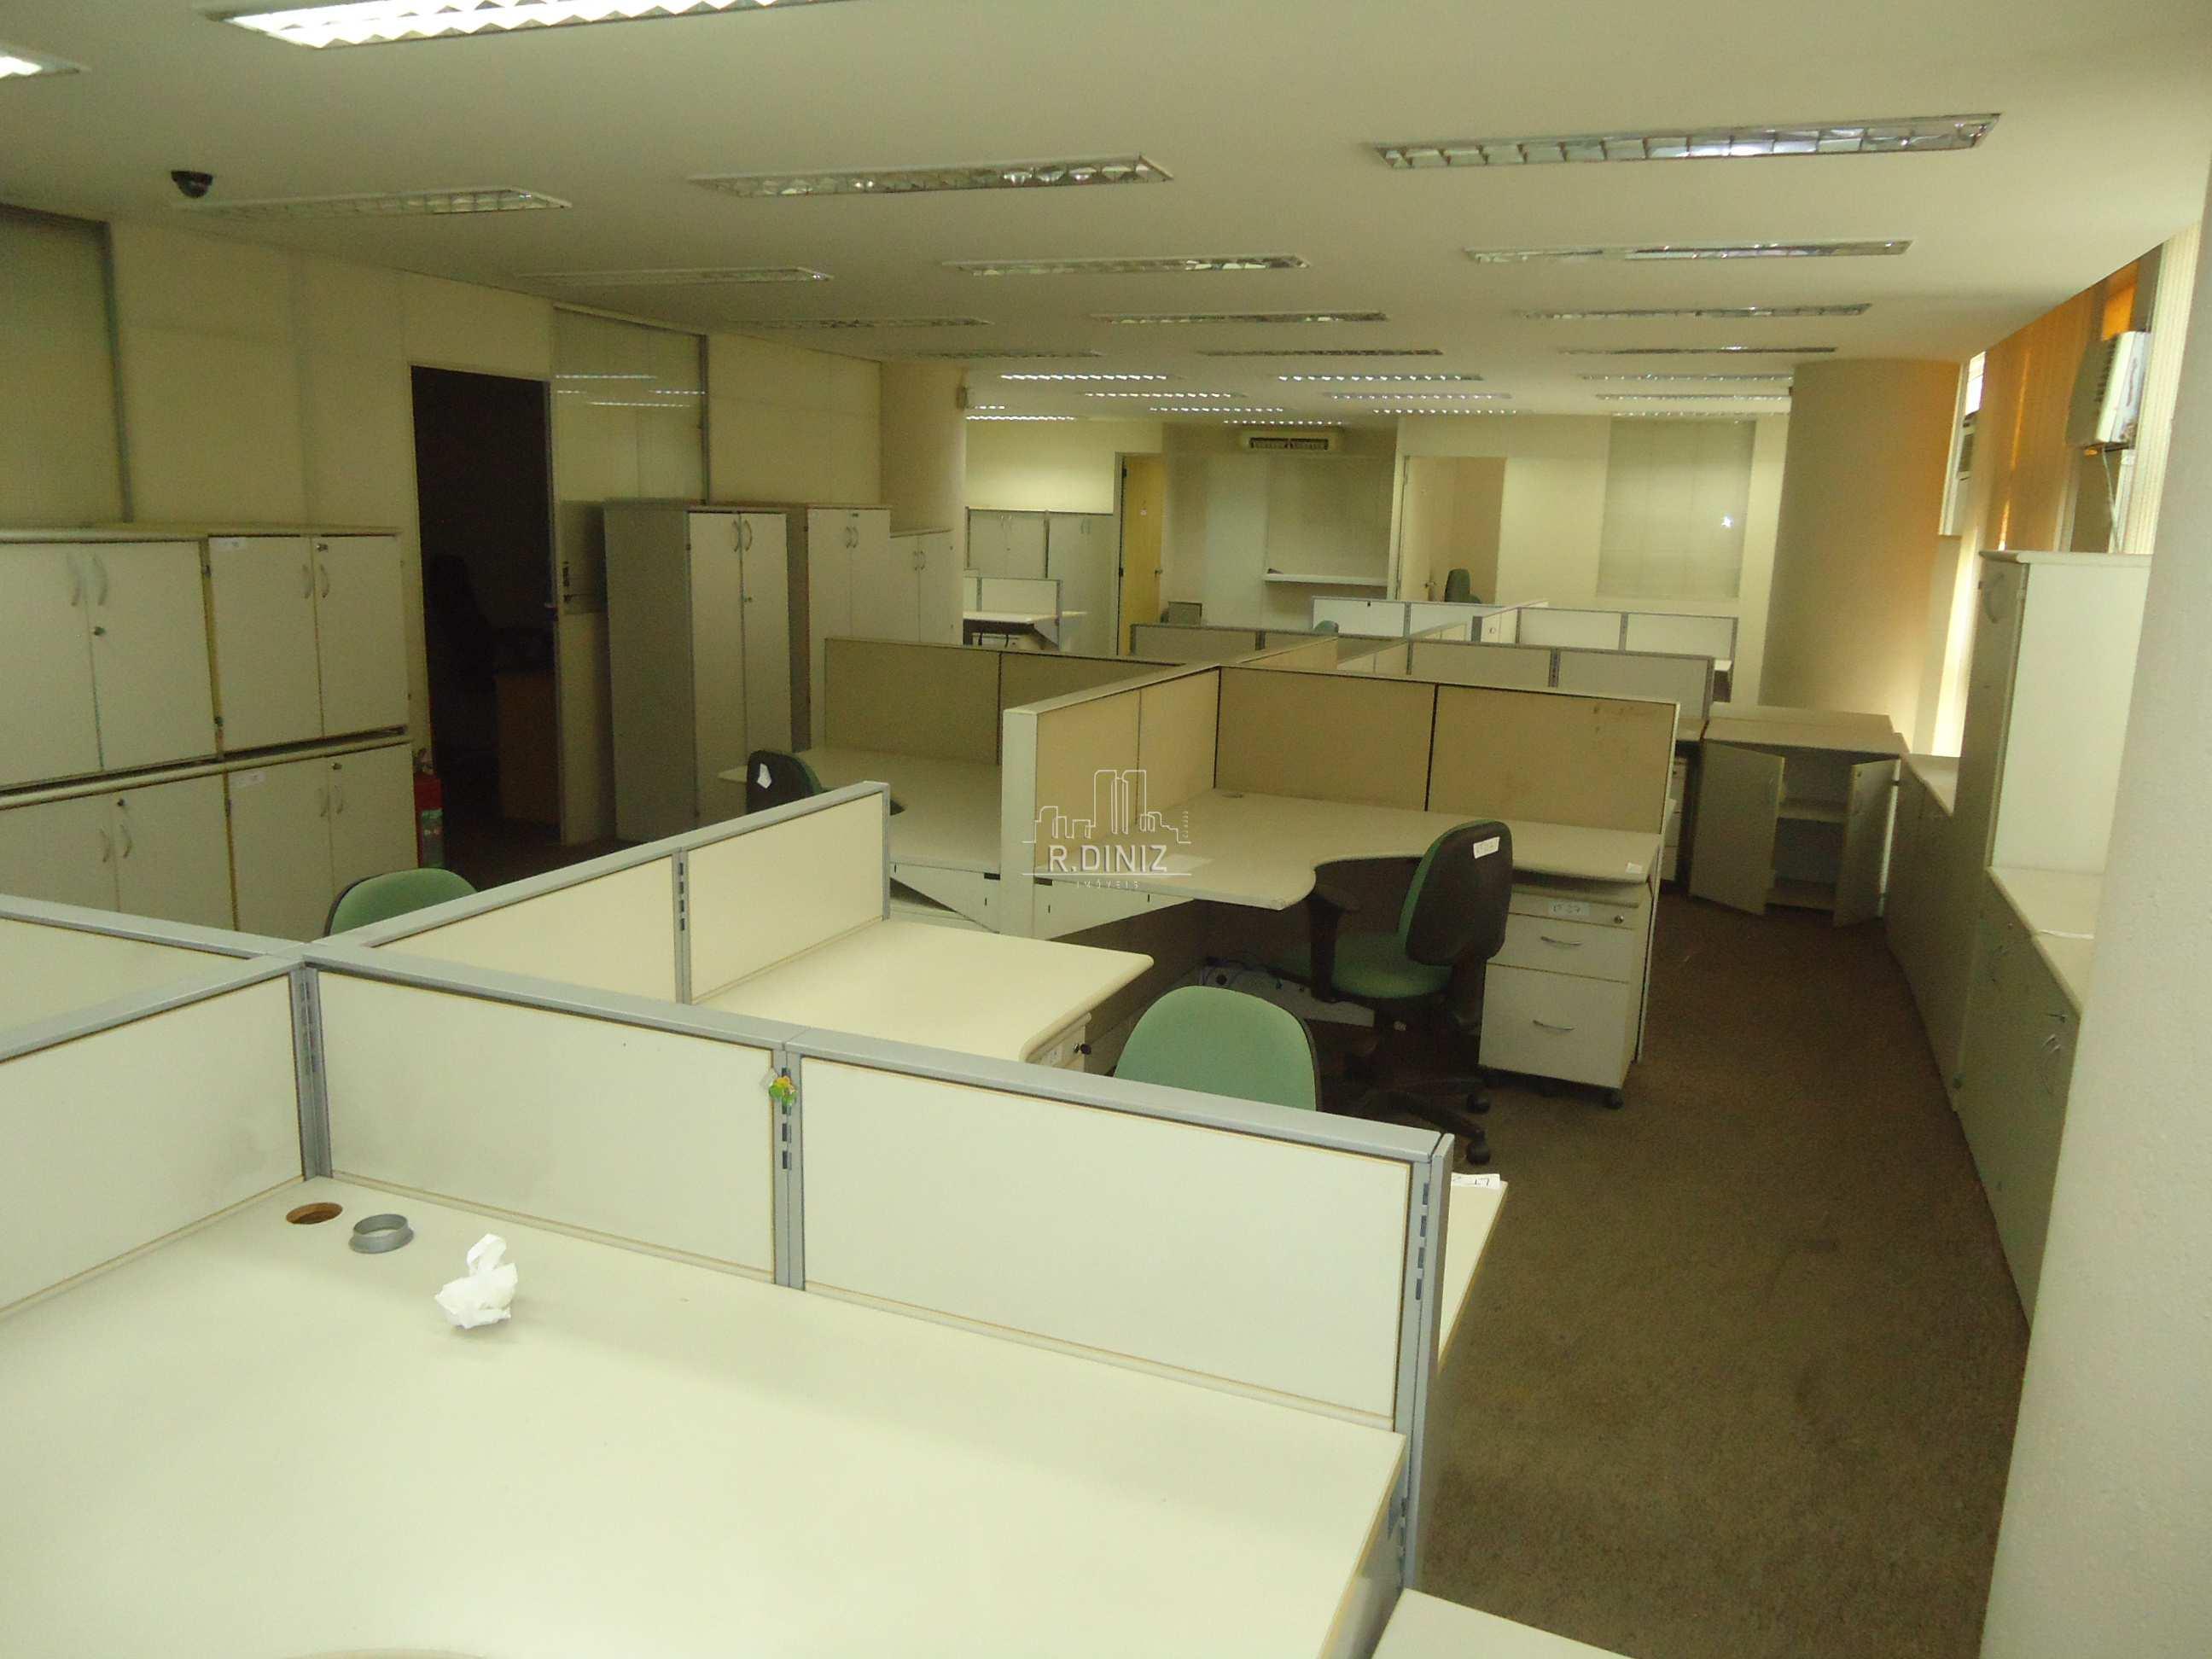 Centro, Cinelândia, Rua Senador Dantas, Andar corporativo, Aluguel, Rio de Janeiro, RJ - im011307 - 32